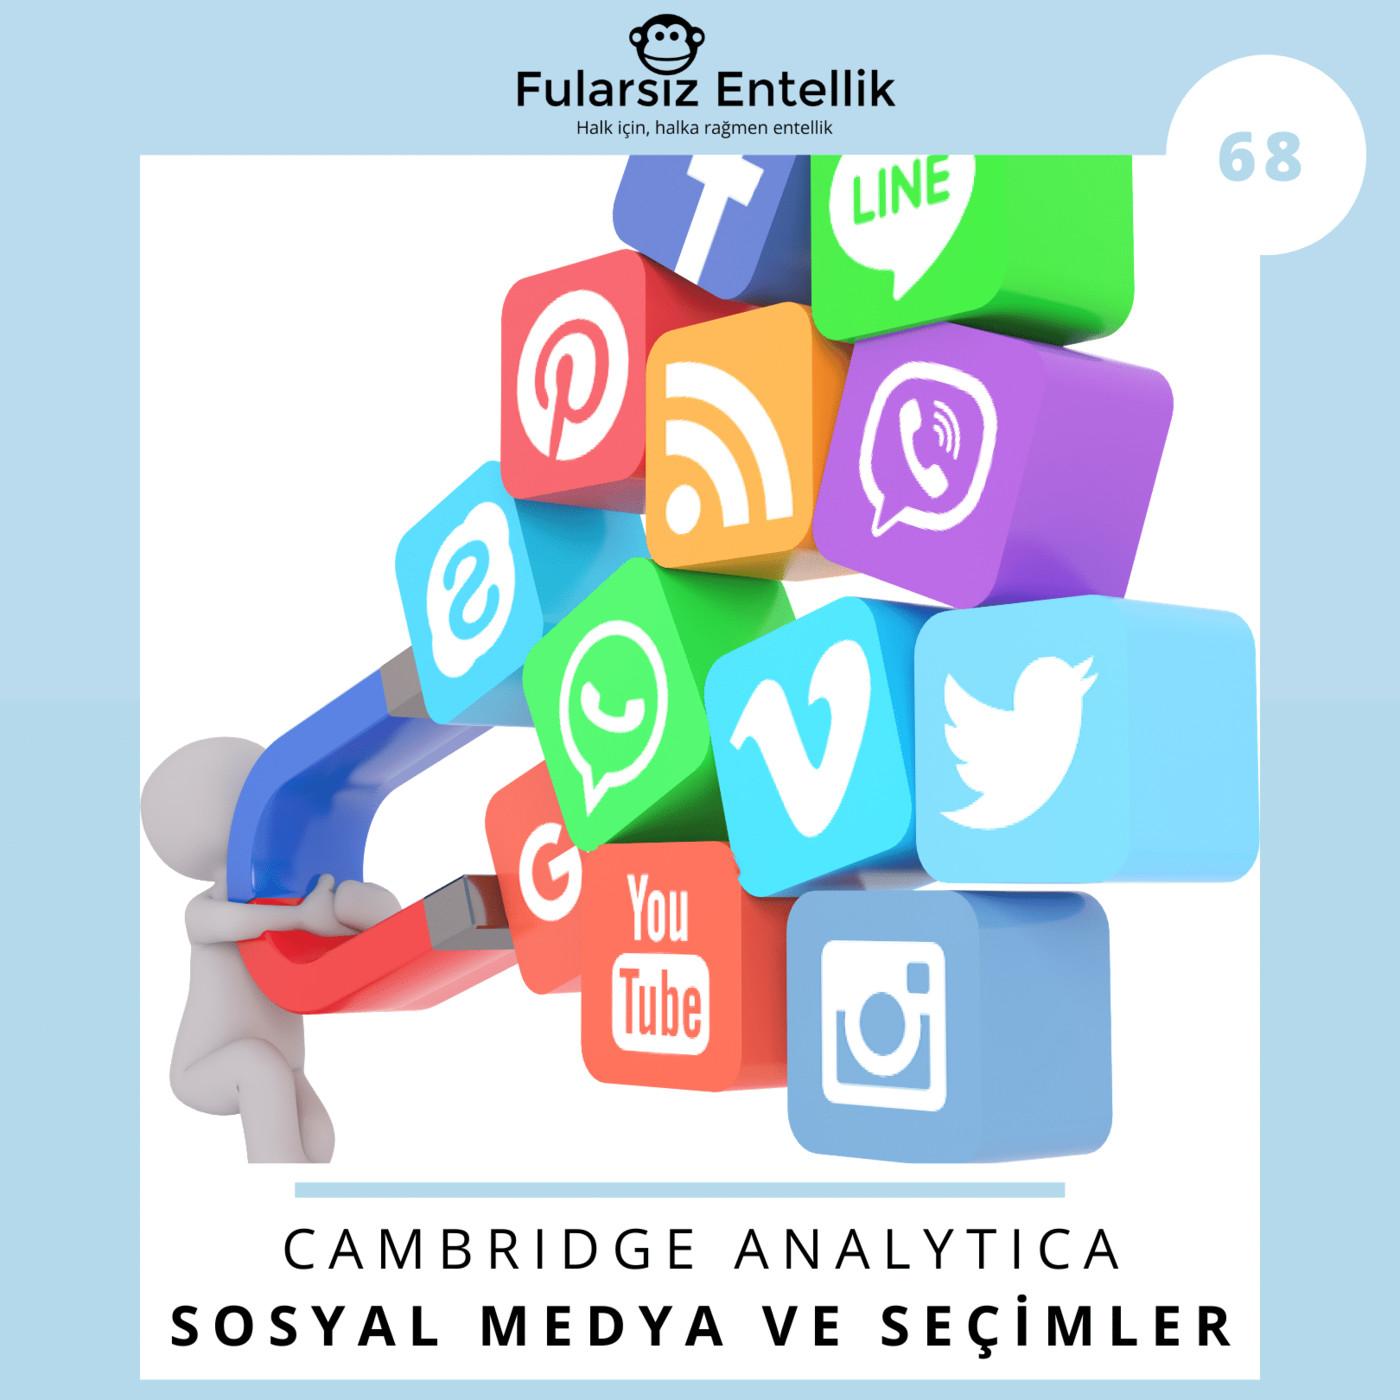 Sosyal Medyanın Seçimlere Etkisi - Cambridge Analytica Revisited